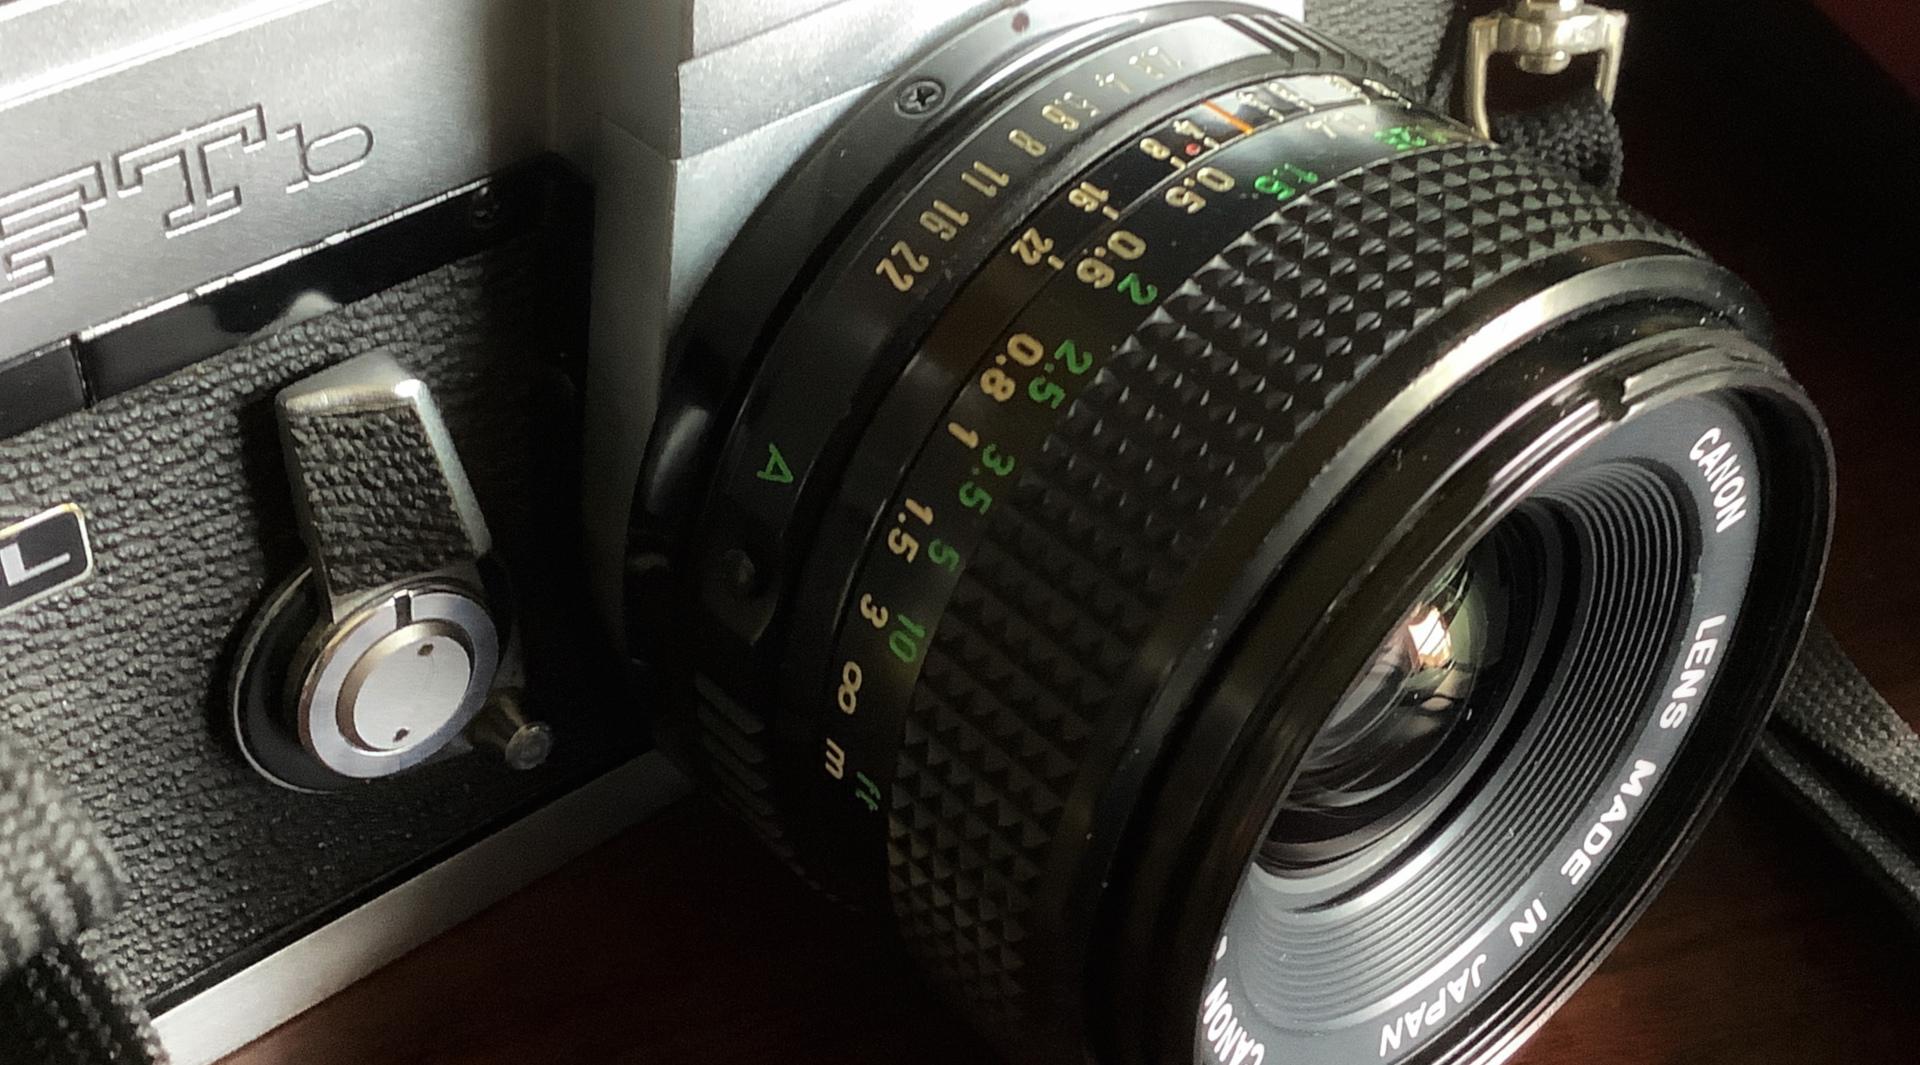 Canon FD 28mm 1:2.8 最接距離は20cmちょっと